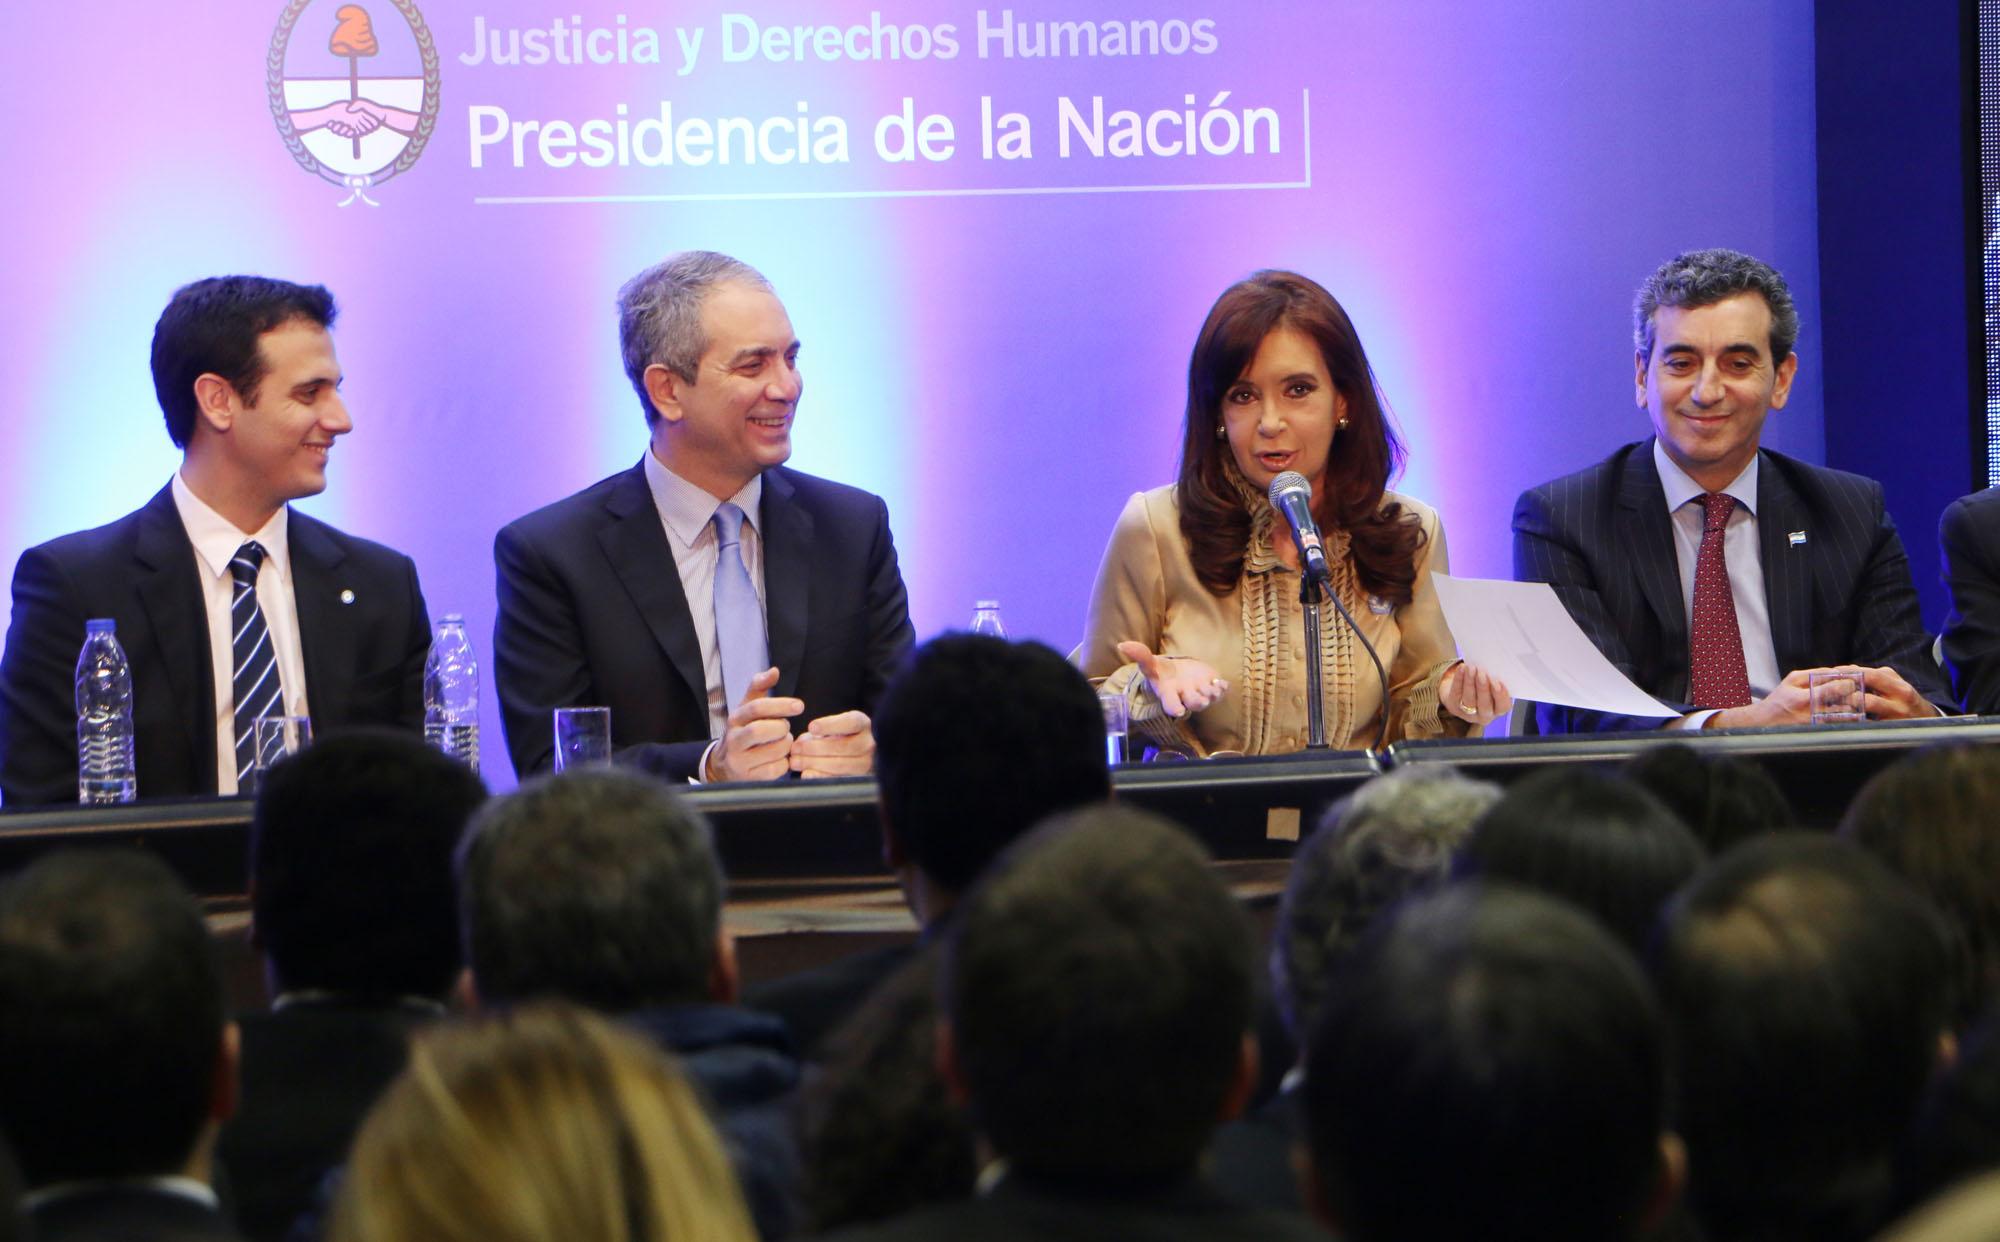 La Presidenta inauguró la sede Costanera Sur del Ministerio de Justicia y Derechos Humanos